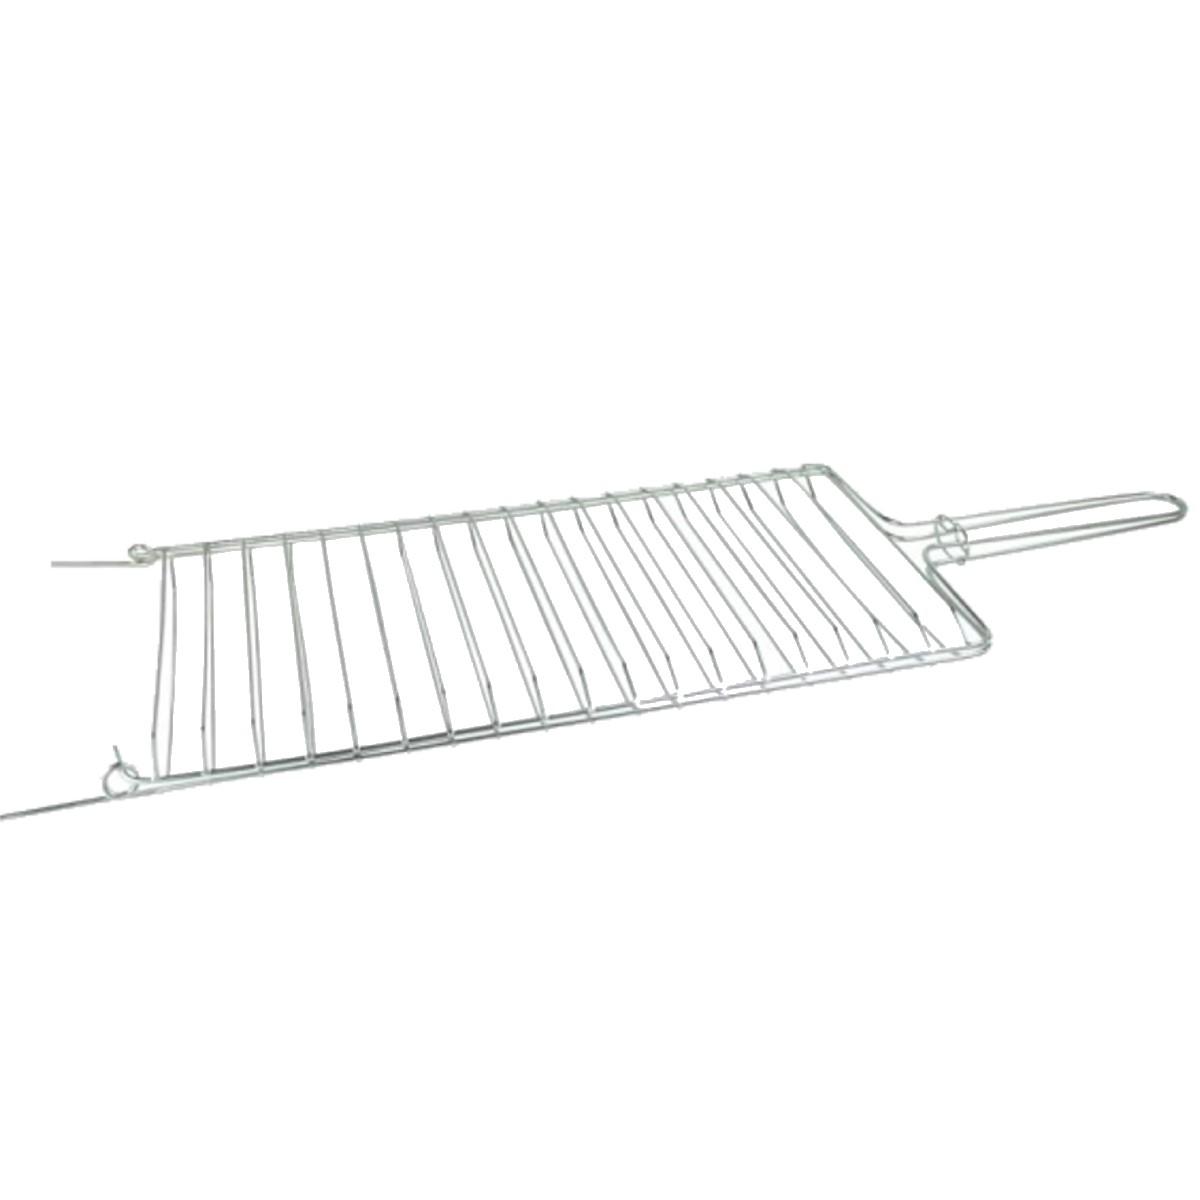 Grelha Dobrável Abaulada Para Churrasqueira 28x80cm  - Panela de Ferro Fundido